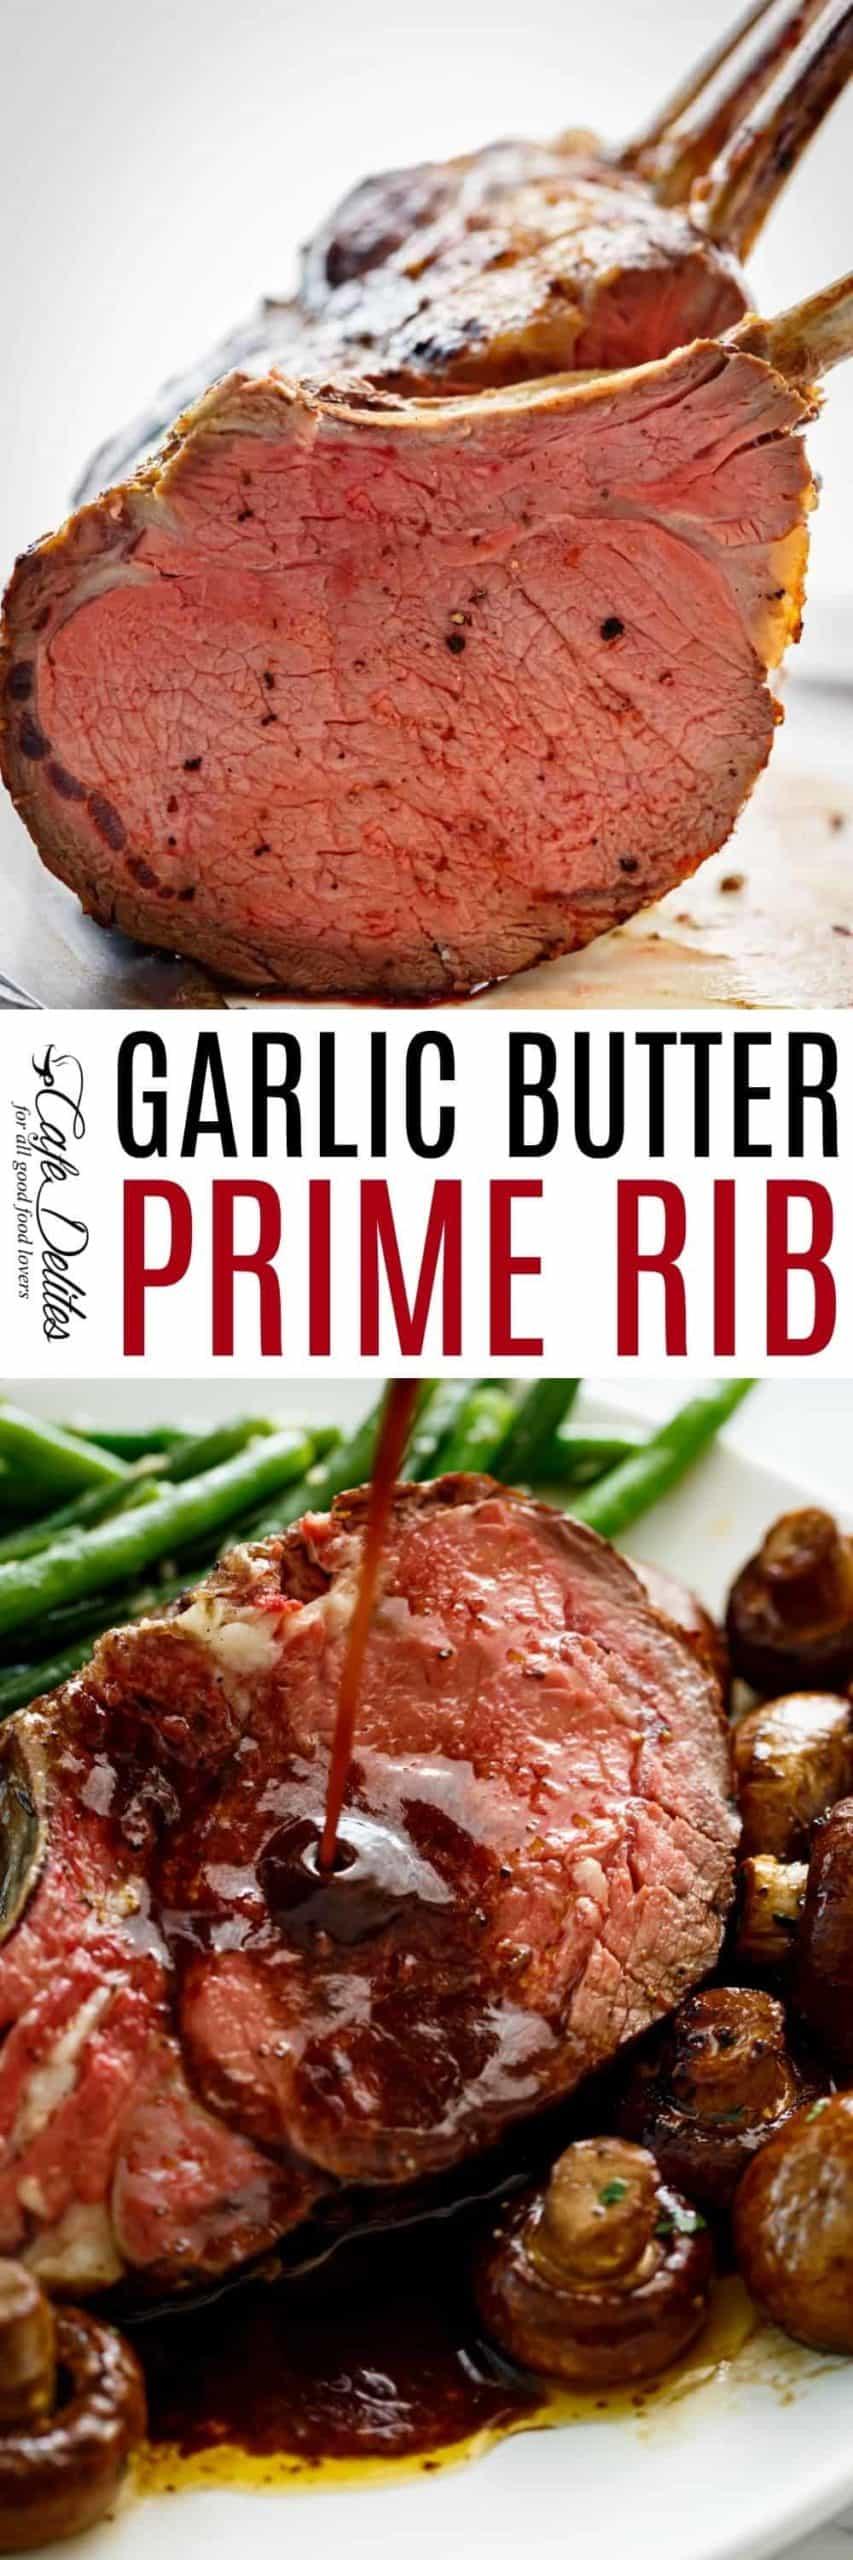 Prime Rib | cafedelites.com